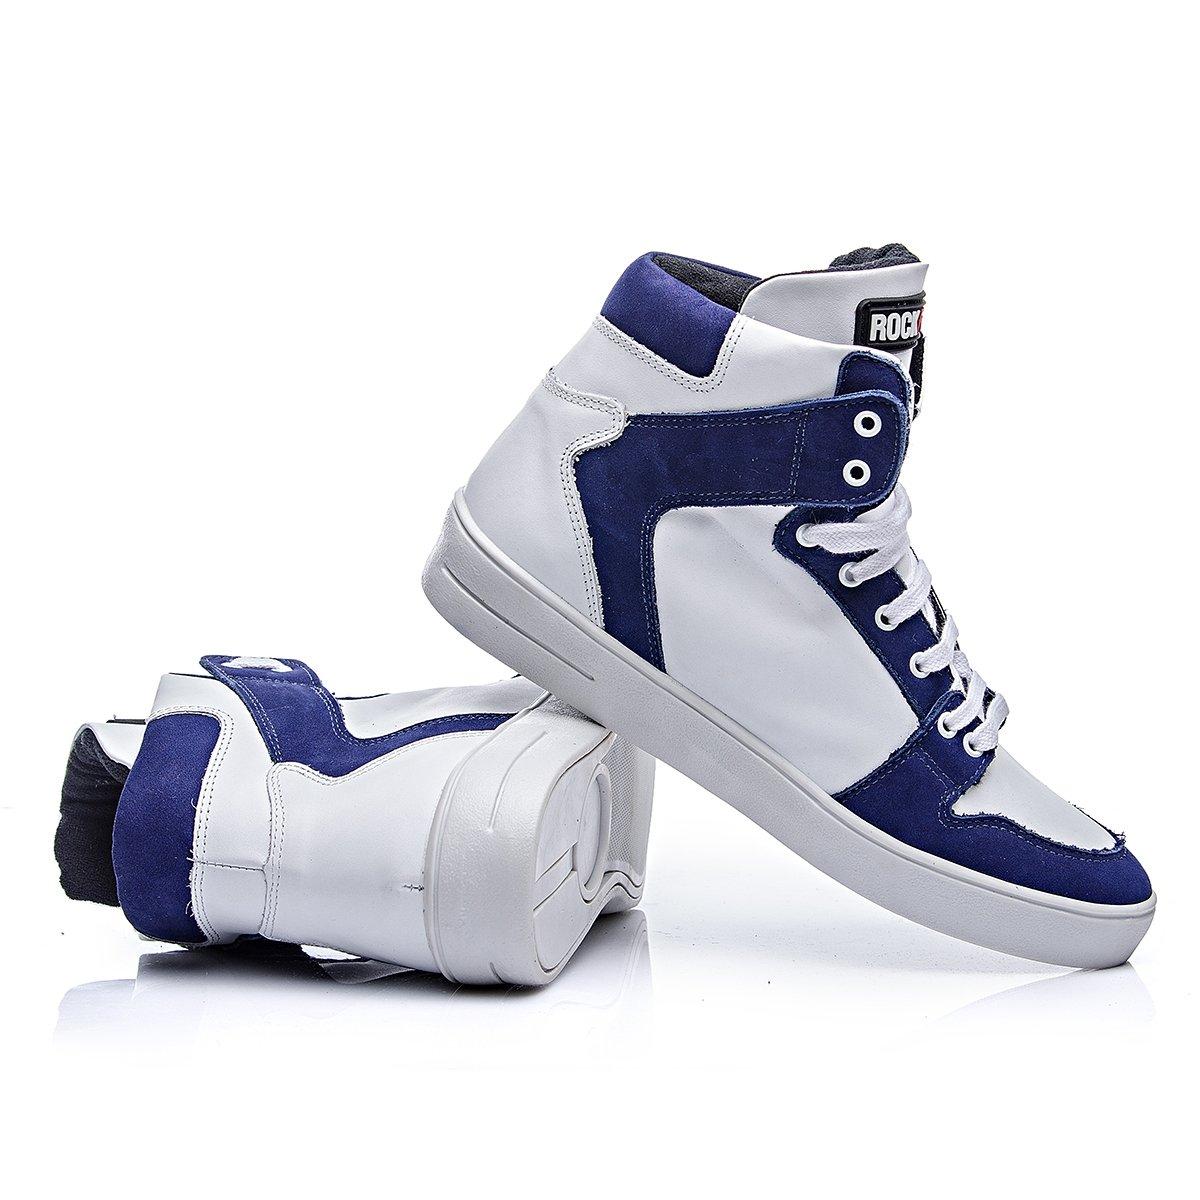 Azul Tenis Branco Em Couro Rock Milao Fit Azul e Branco E OO80q1w